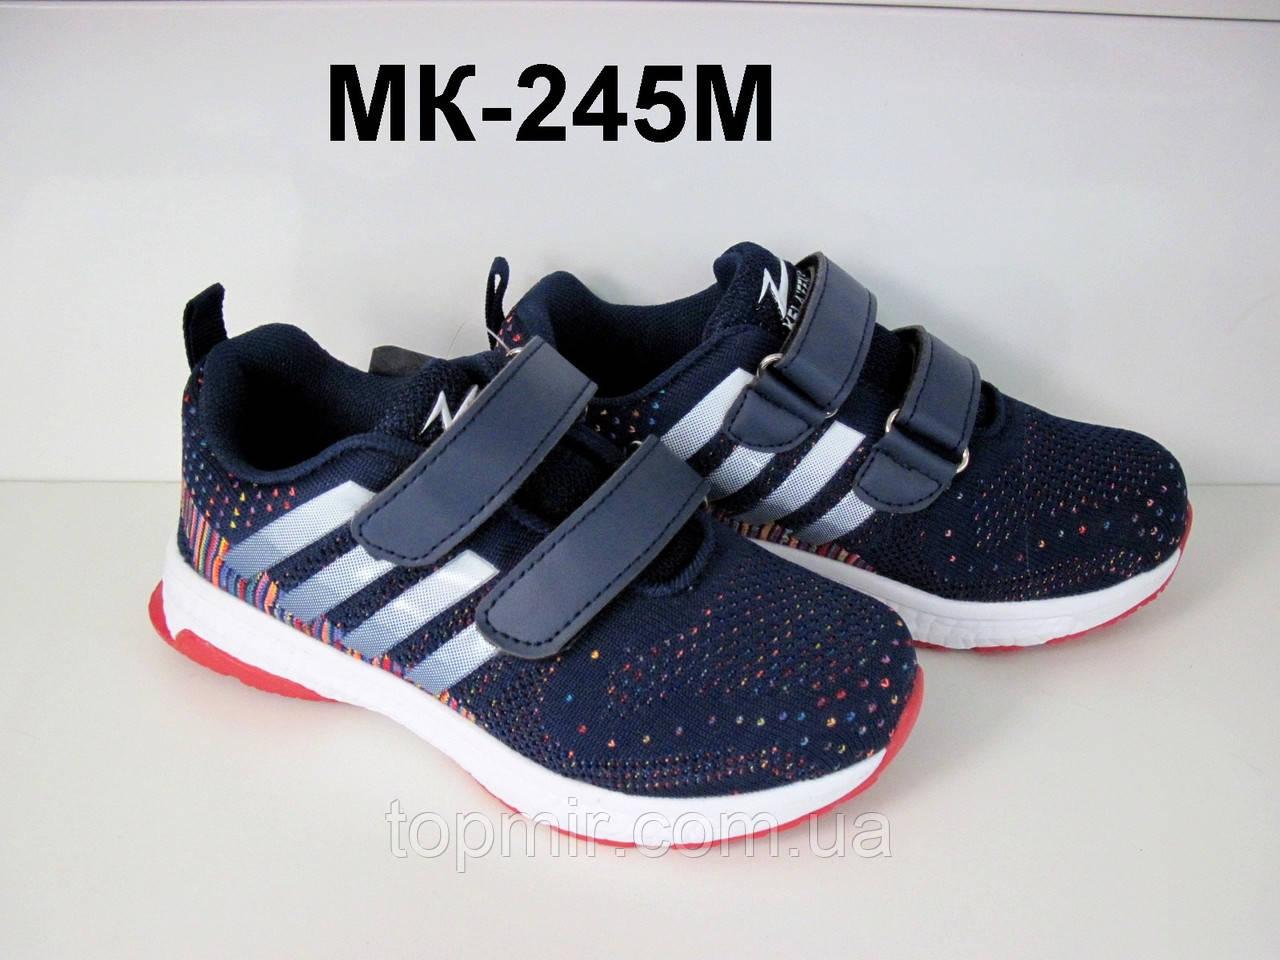 8ec5ef208 Детские летние кроссовки «дышащие» с сеточкой - Интернет- магазин обуви